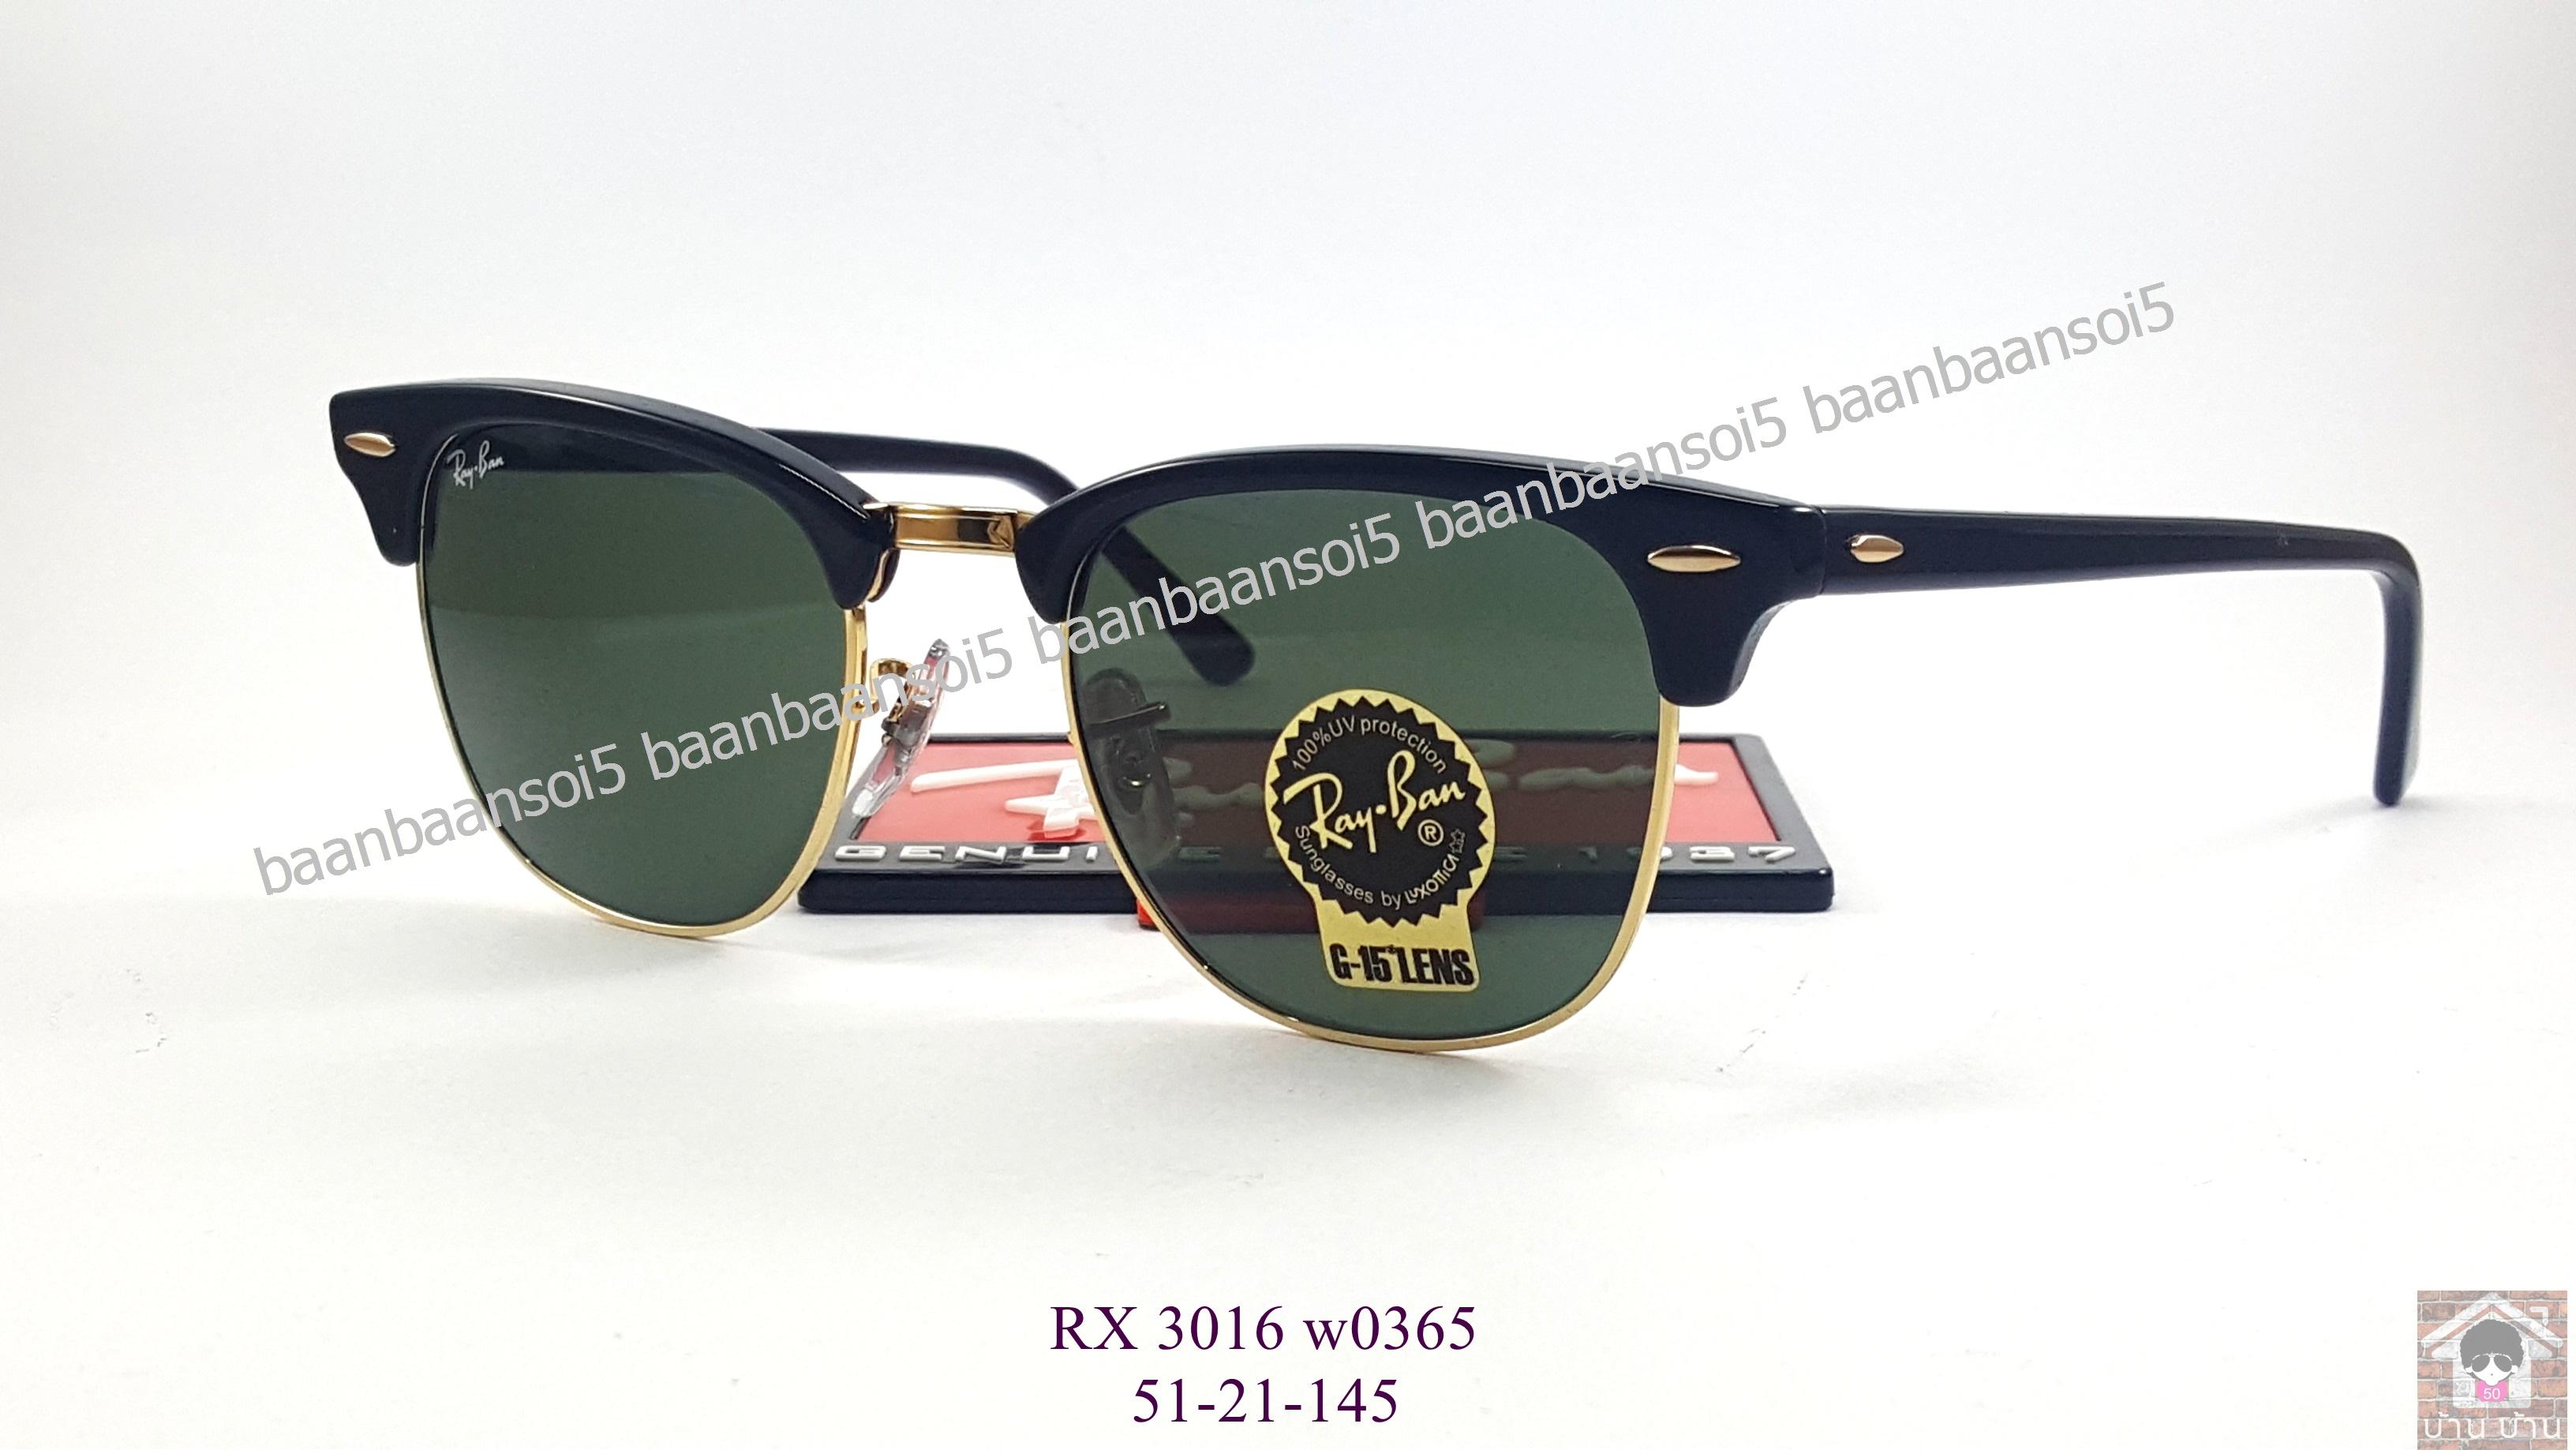 Rayban RX 3016 W0365 โปรโมชั่น กรอบแว่นตาพร้อมเลนส์ HOYA ราคา 4,200 บาท